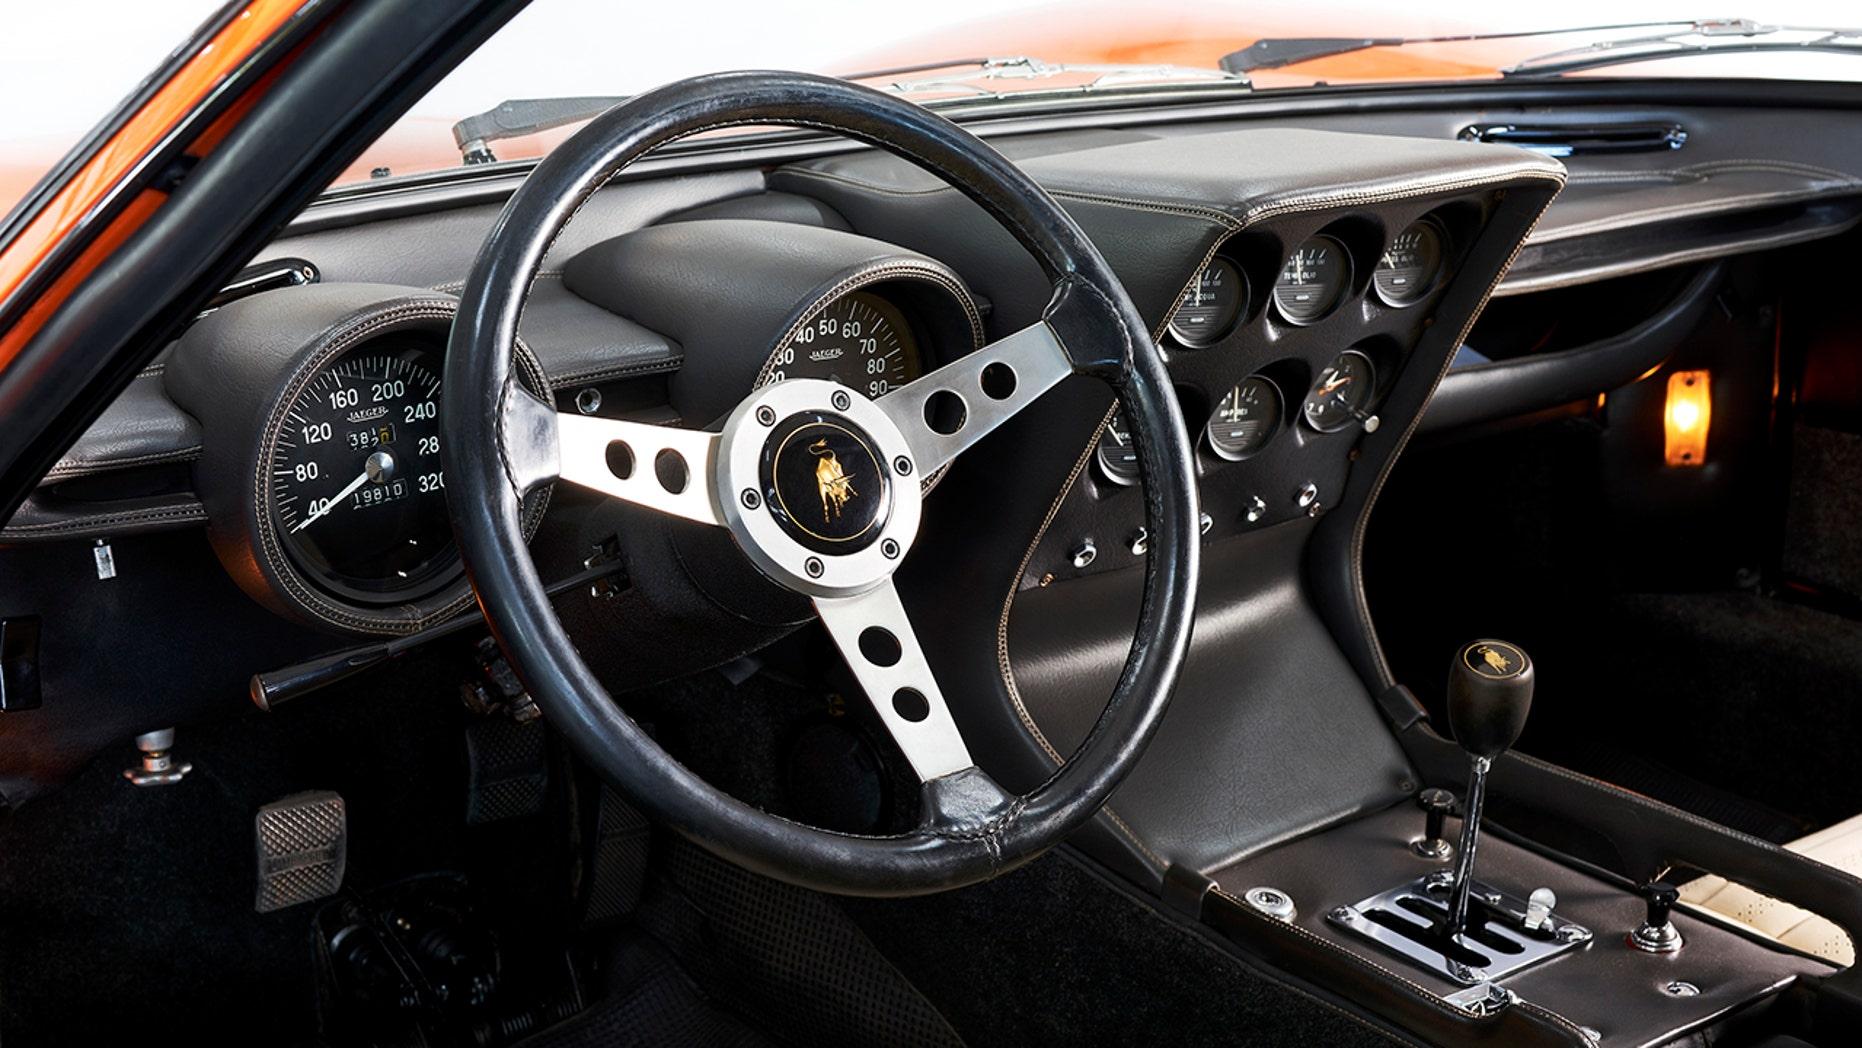 1969 Lamborghini Miura P400 interior